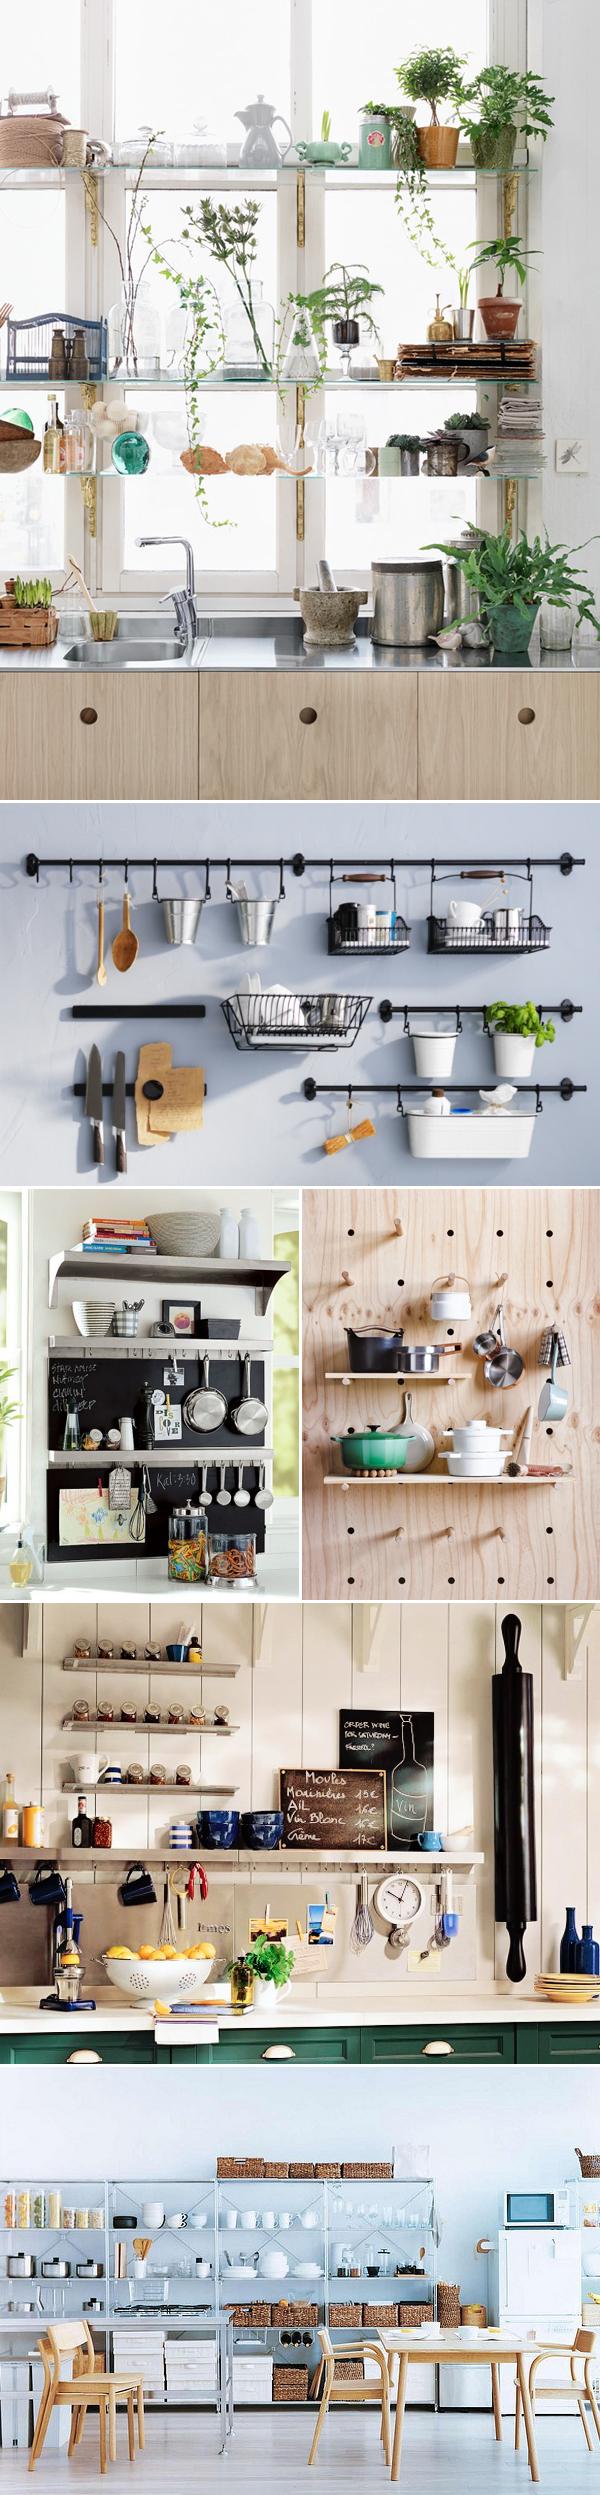 homestorage04-kitchen